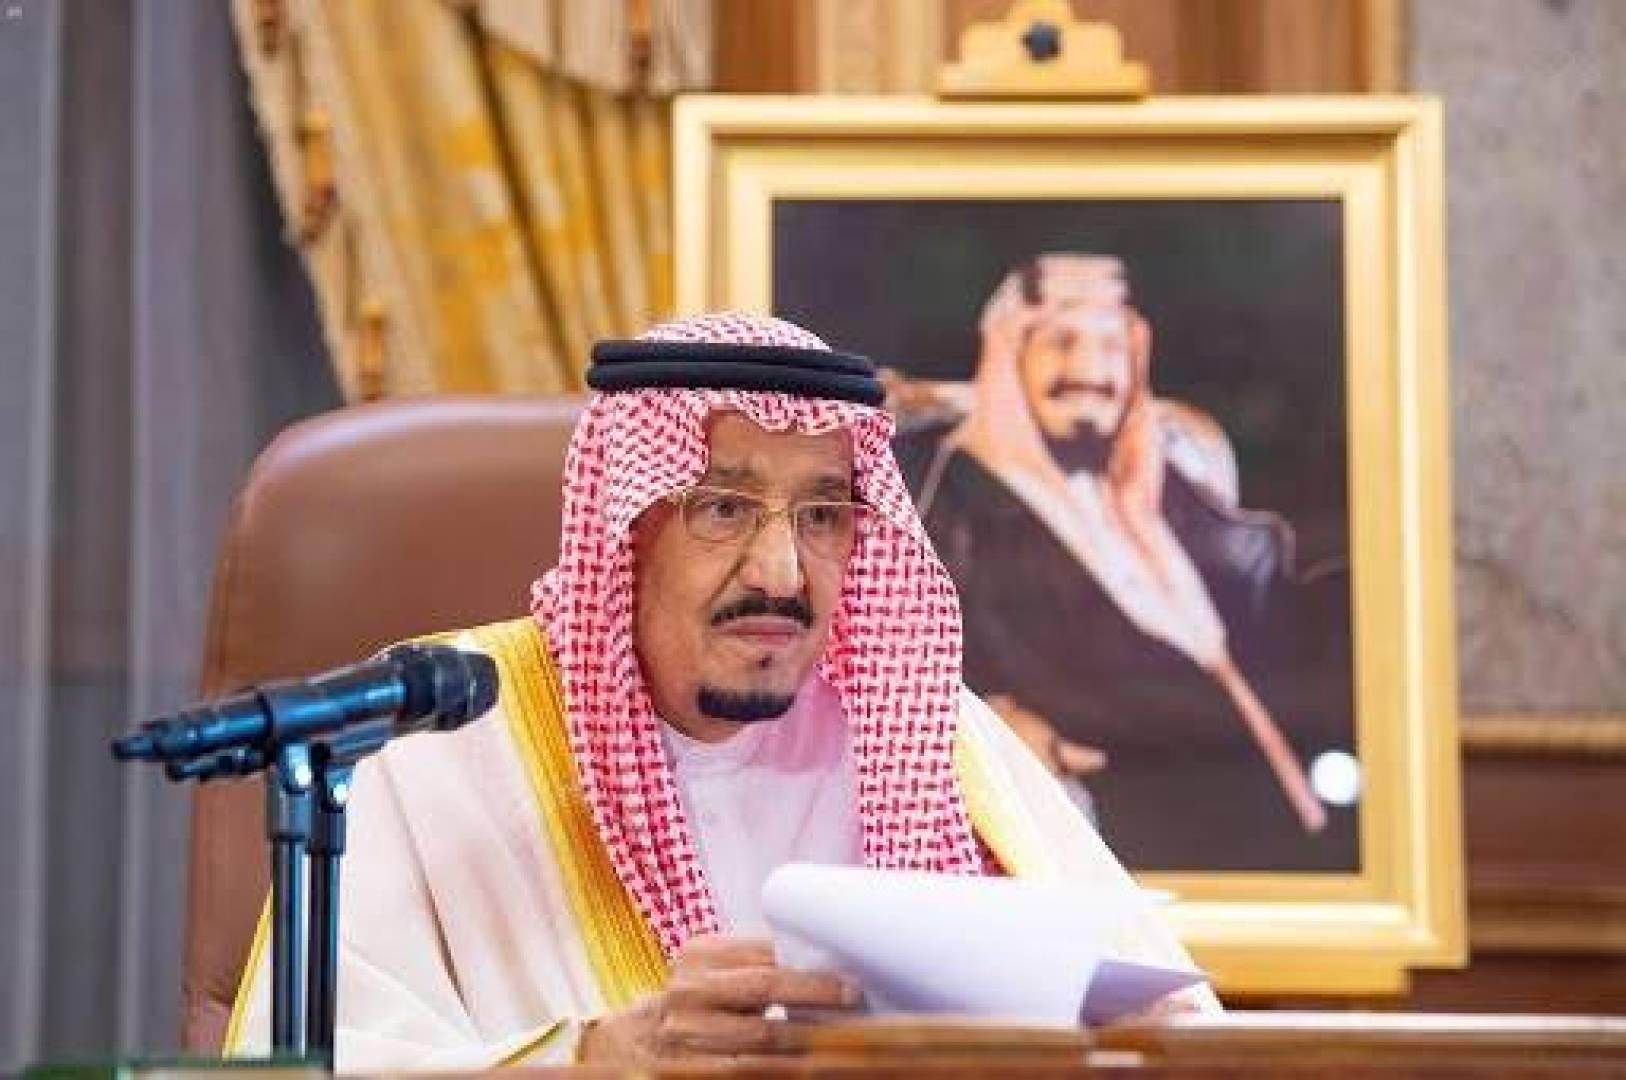 الملك سلمان: صرف 9 مليارات ريال كتعويض لـ 1.2 مليون مواطن في المنشآت المتأثرة بـ «كورونا»